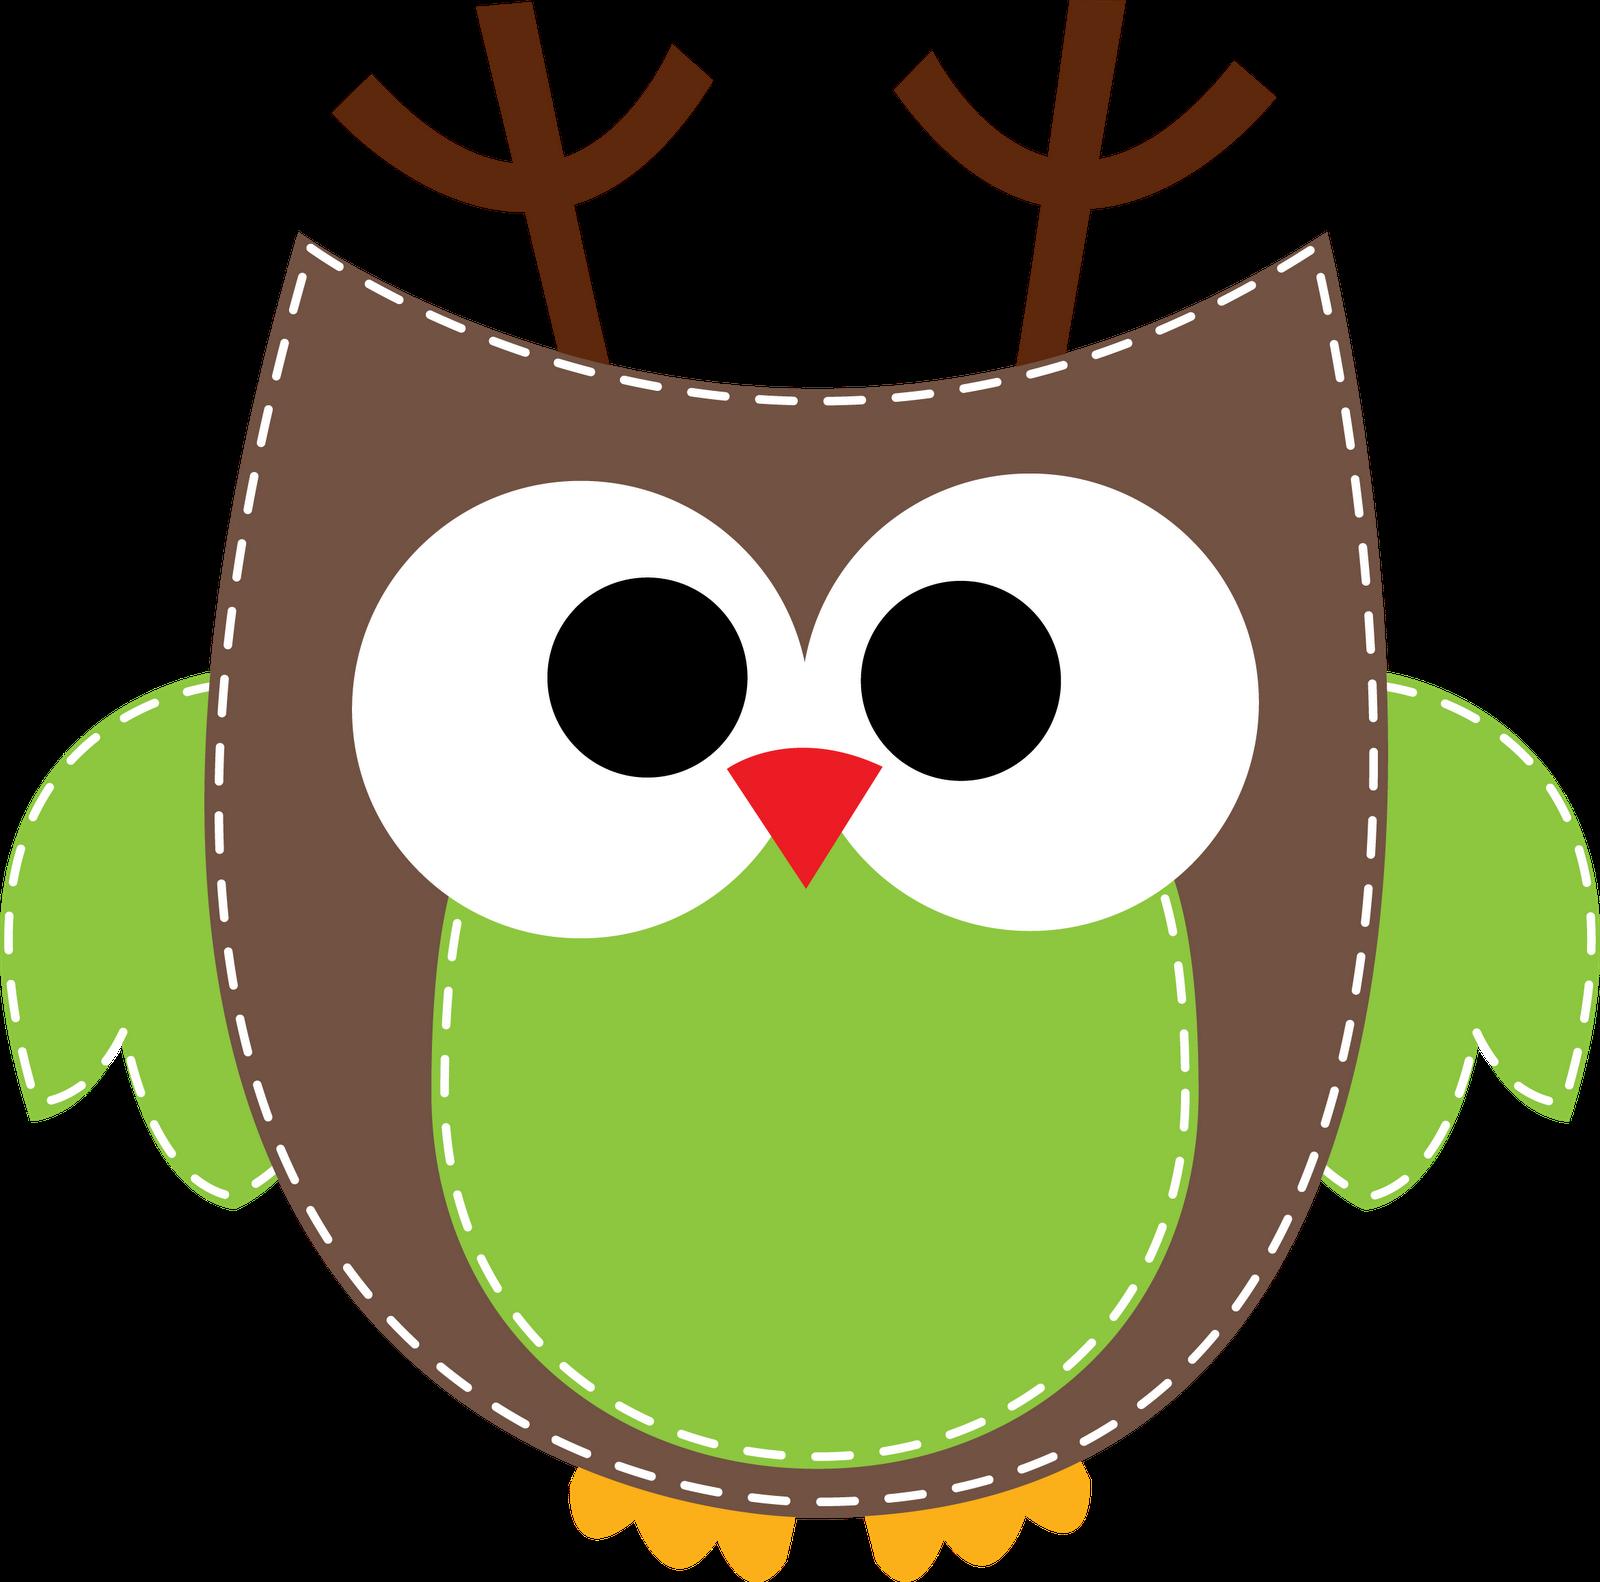 math owl clipart - photo #7